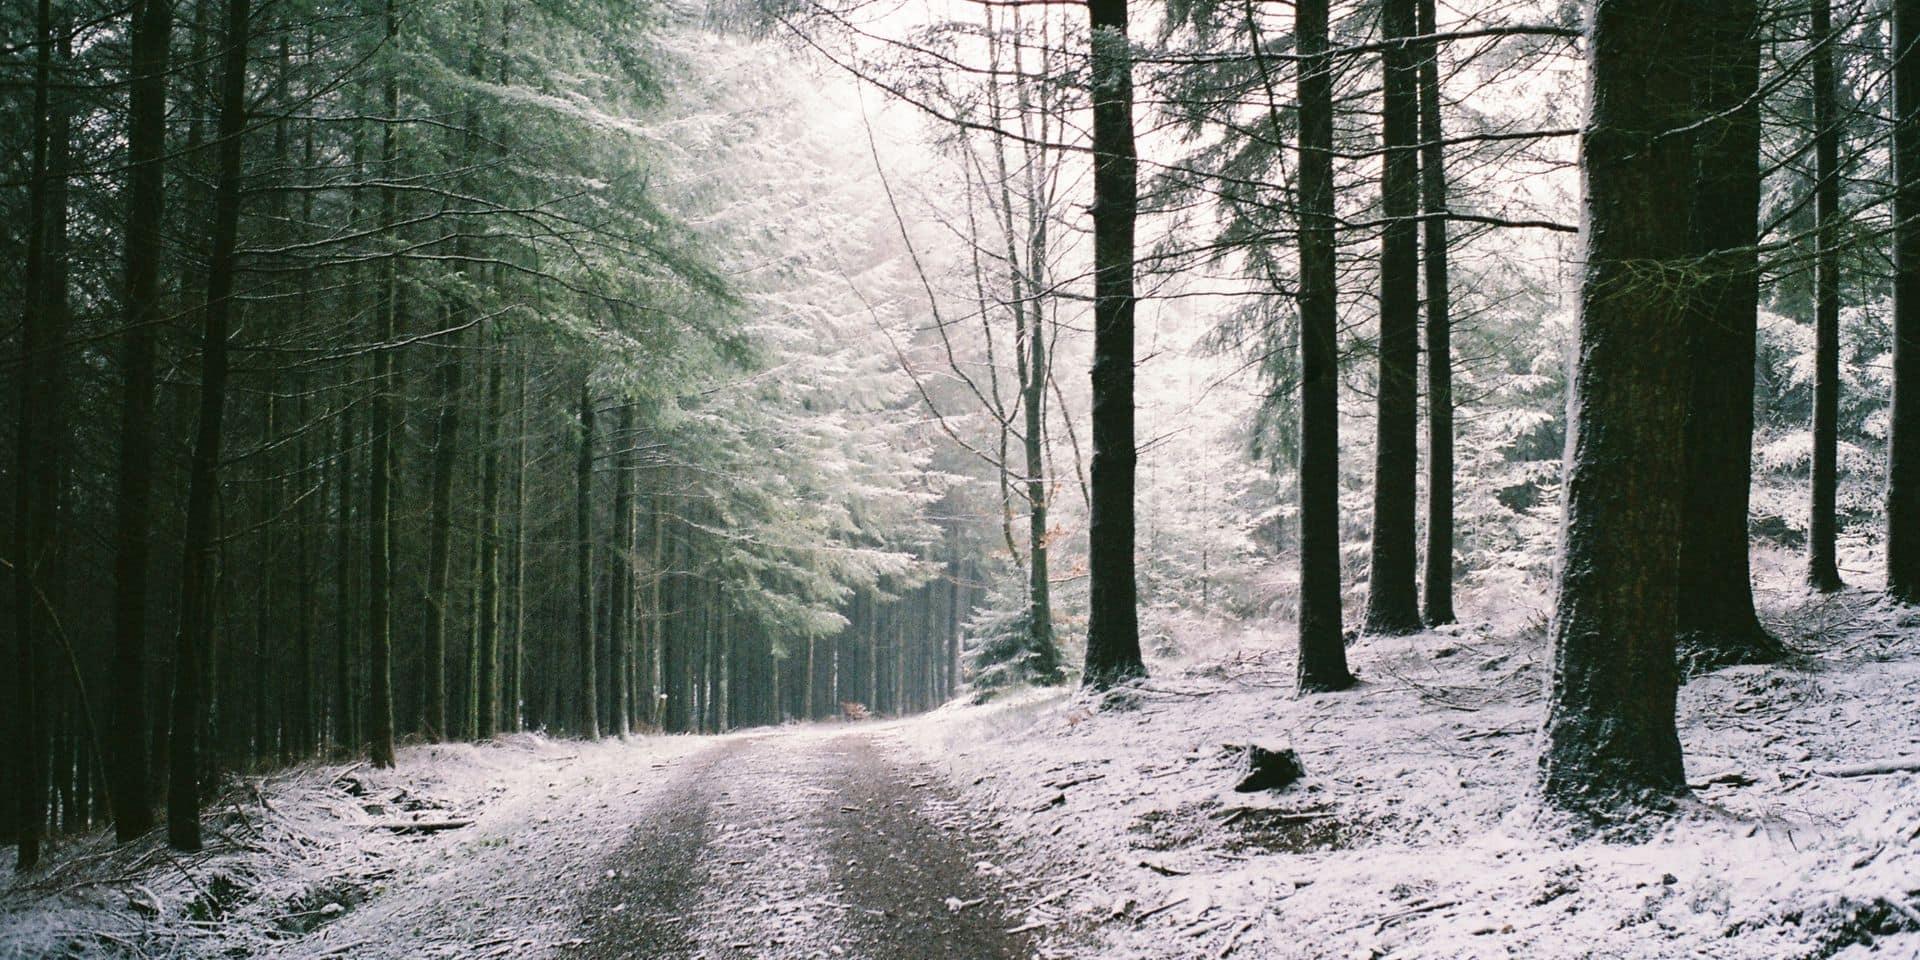 L'IRM met en garde contre des conditions glissantes: voici où la neige pourrait tomber ce lundi de Pâques